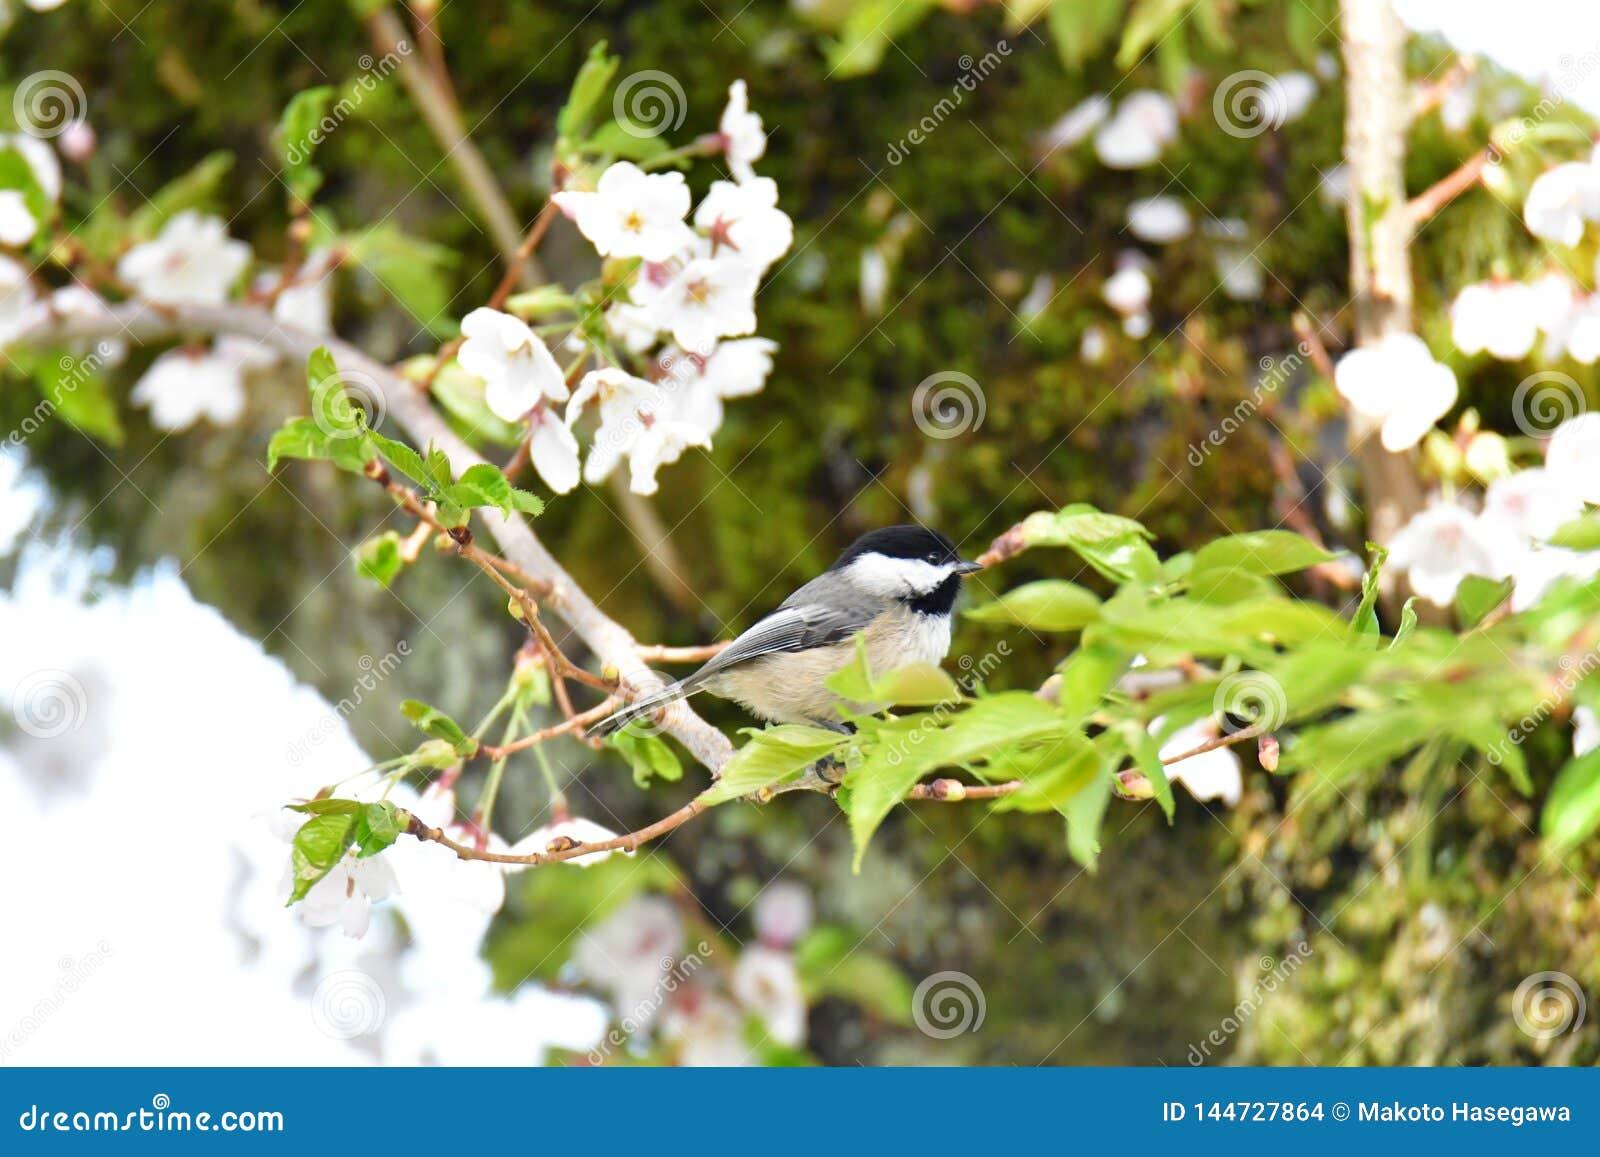 Chickadee tampado preto na flor de cerejeira